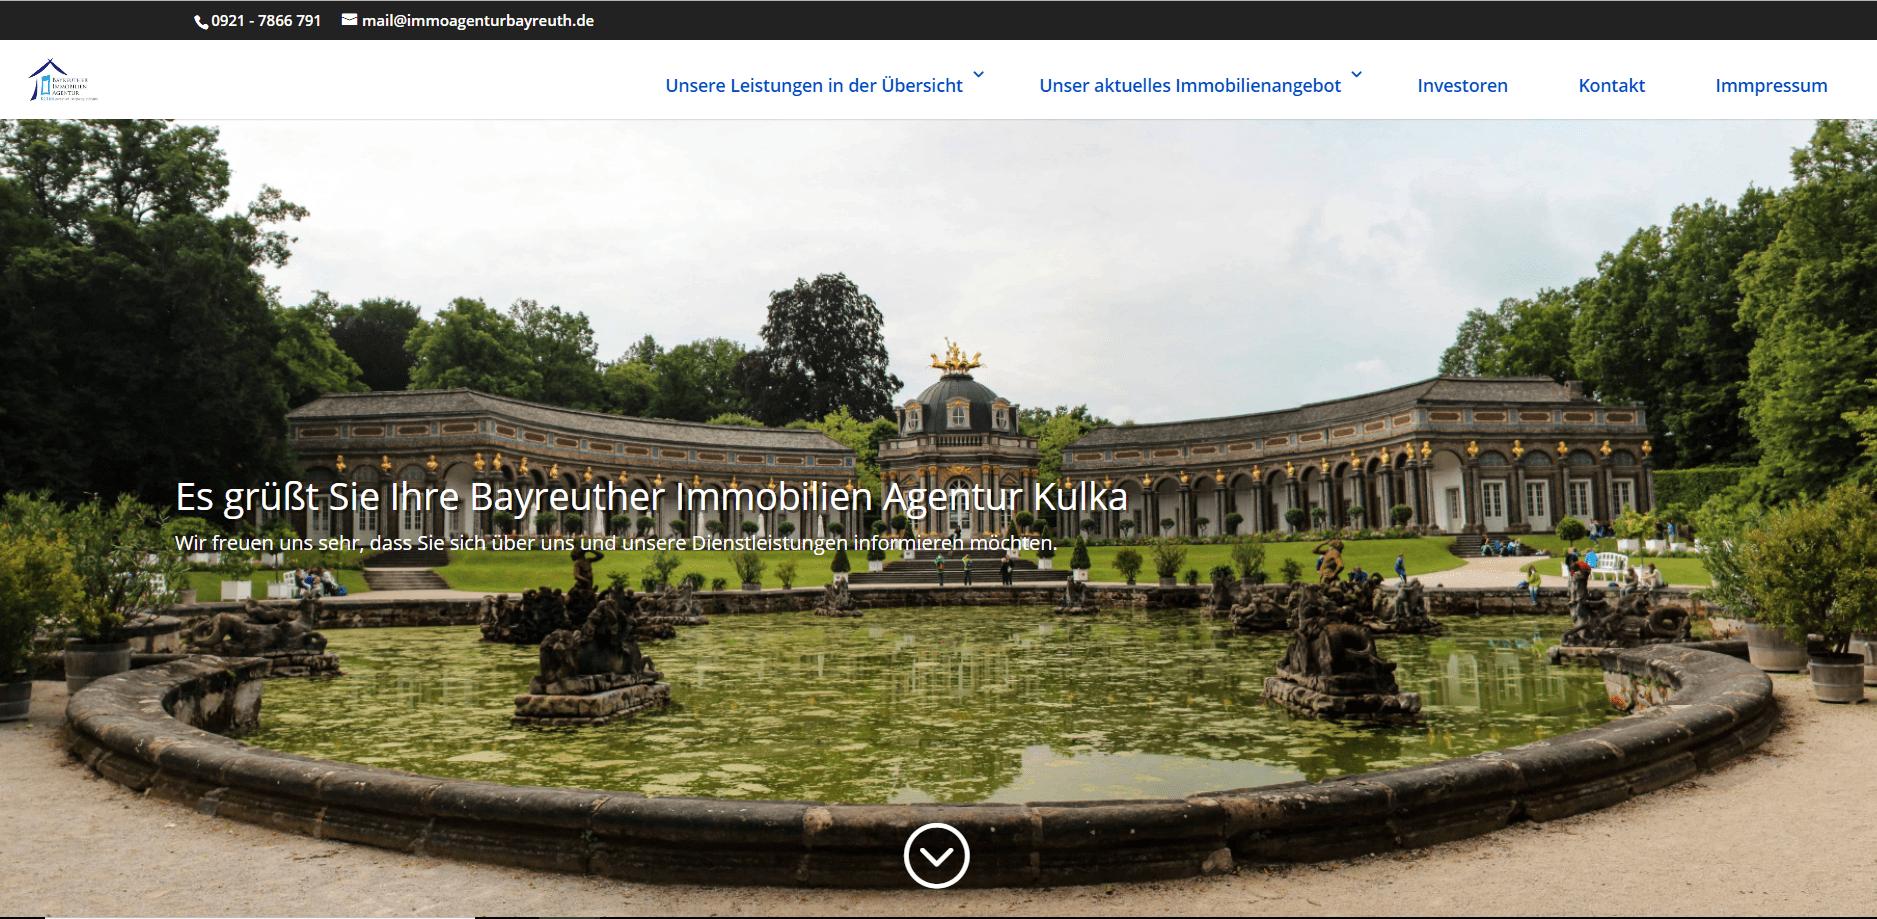 Aufwendiger Webauftritt der Bayreuther Immobilienagentur Kulka